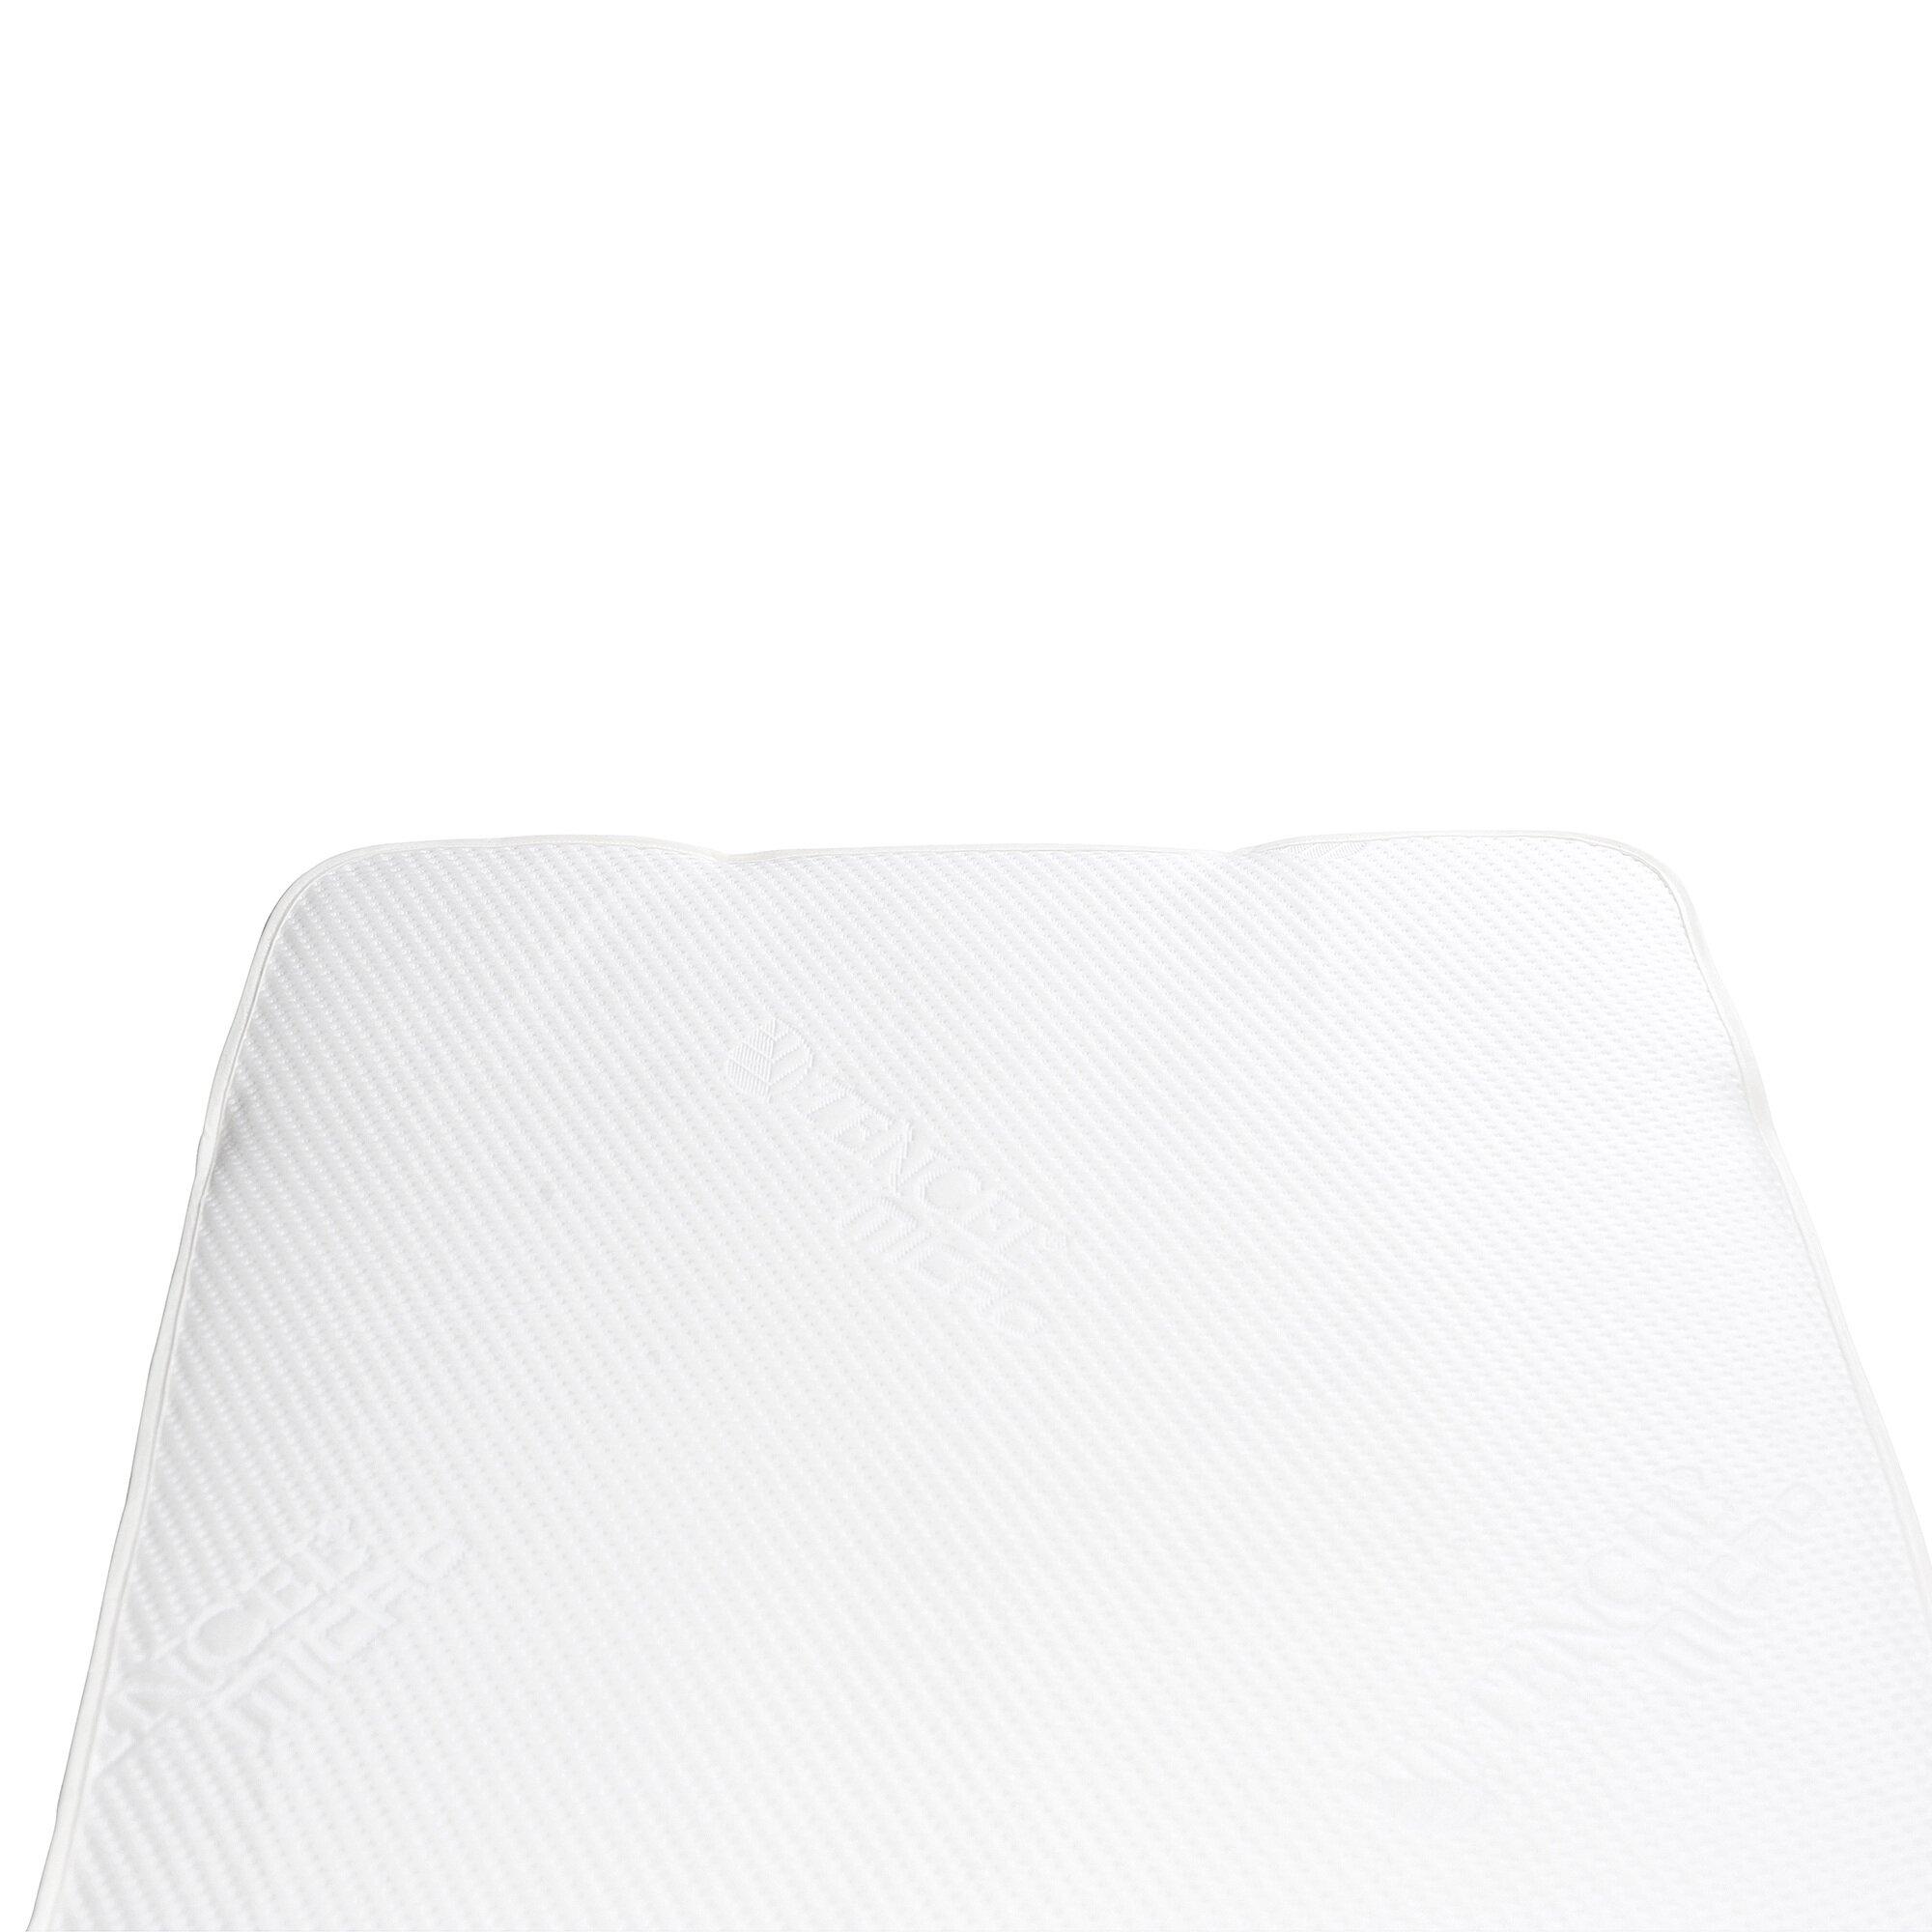 Sonne Tencel-Matratzenauflage wasserdicht 60x120 cm